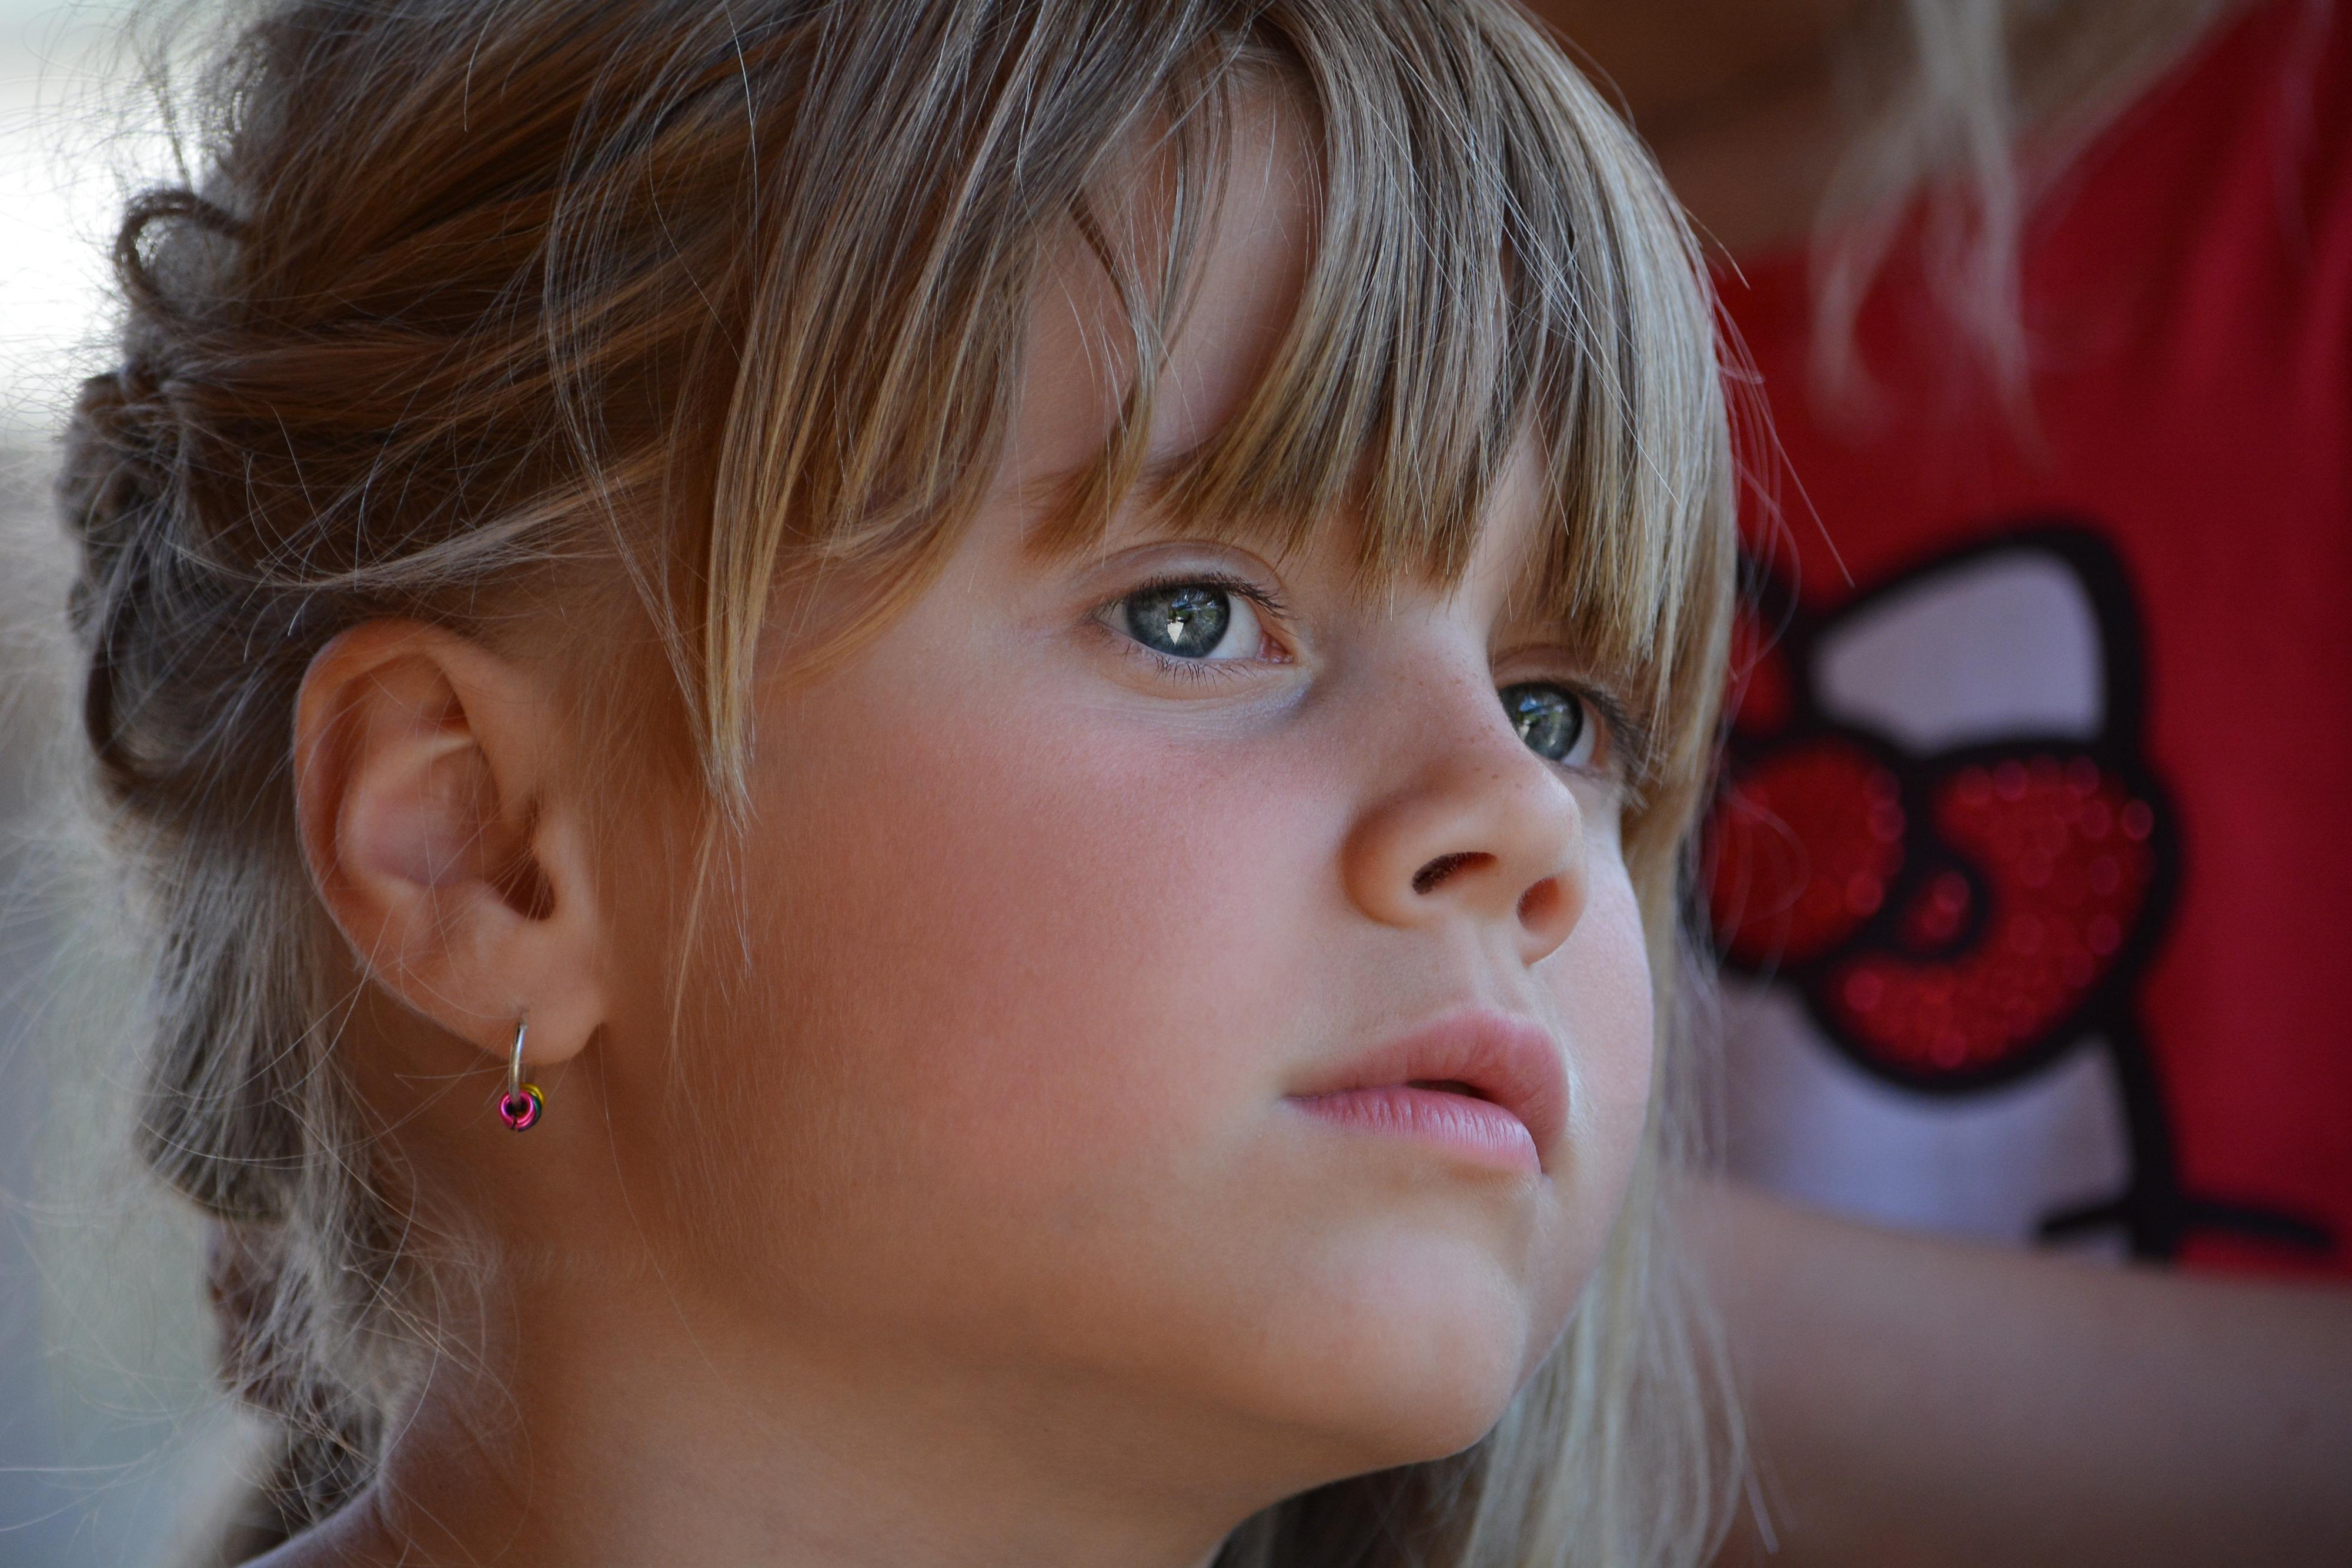 Kostenlose foto : Person, Mädchen, Frau, Aussicht, Porträt, Modell ...